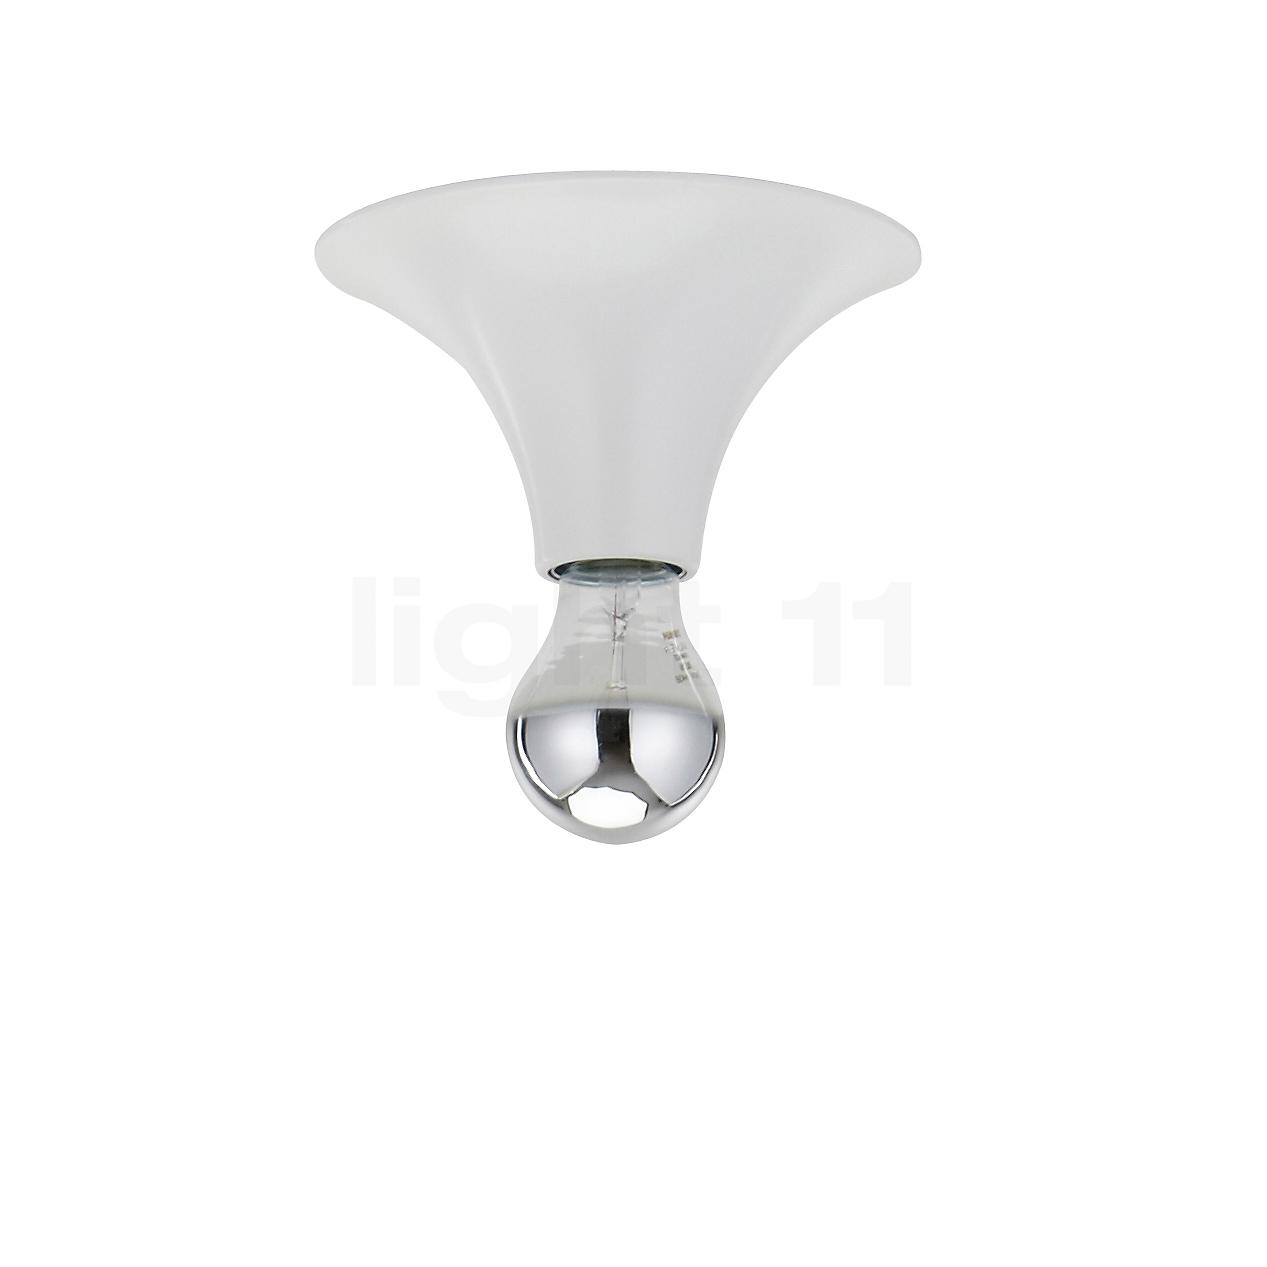 Mawa design etna plafondlamp plafondlampen lampen for Design plafondlamp